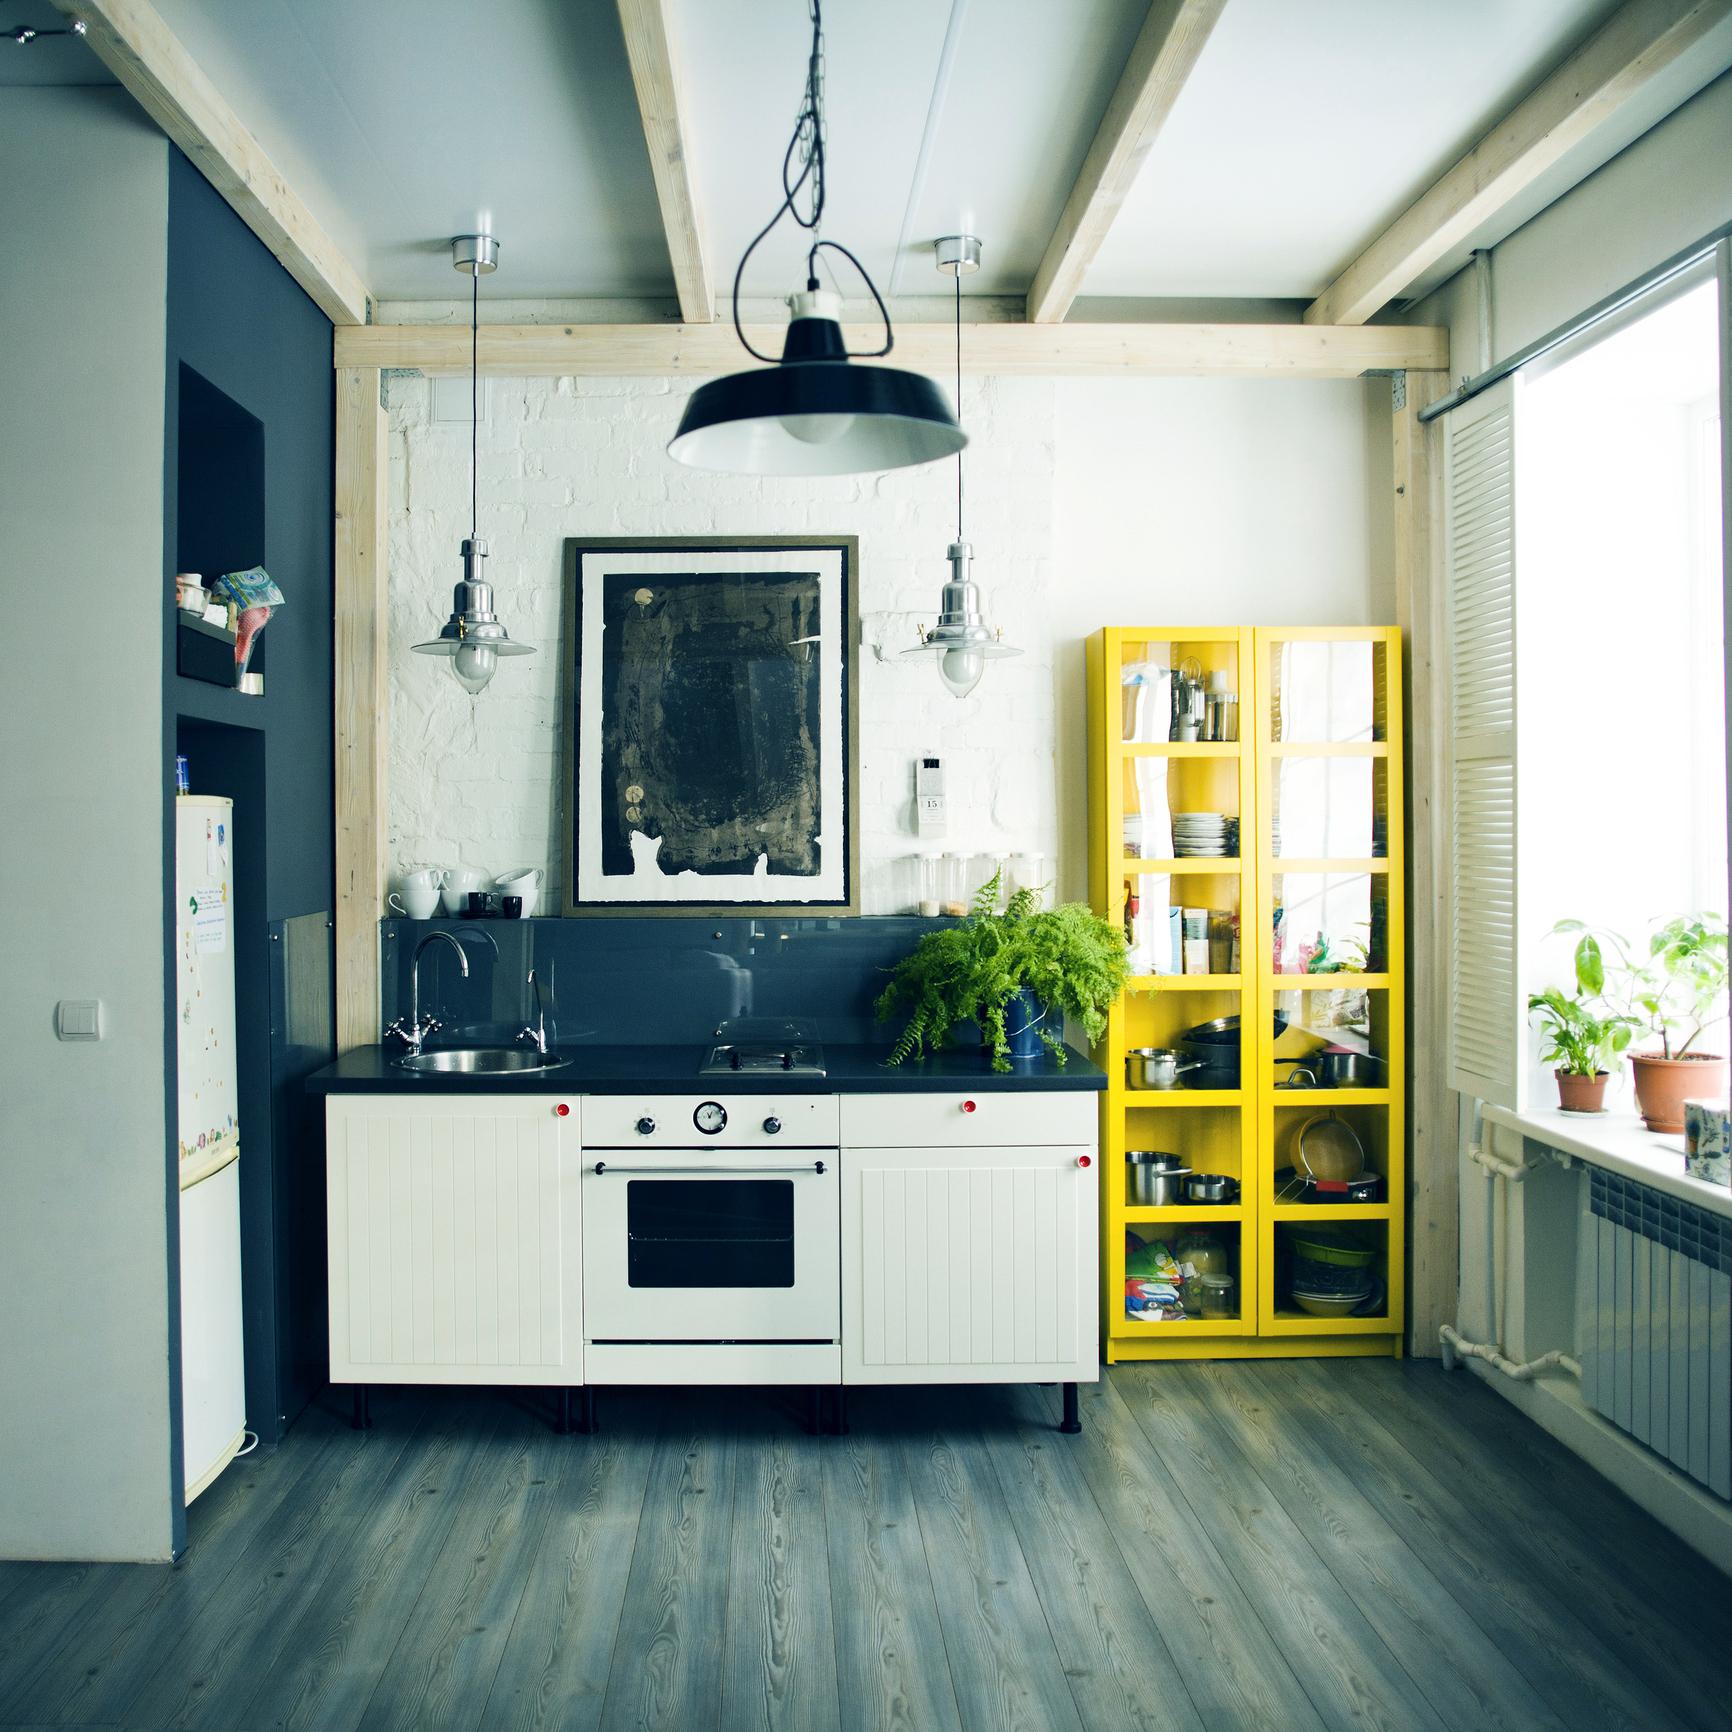 Pimp your kitchen: 5 modi per rinnovare una piccola cucina - Casa.it